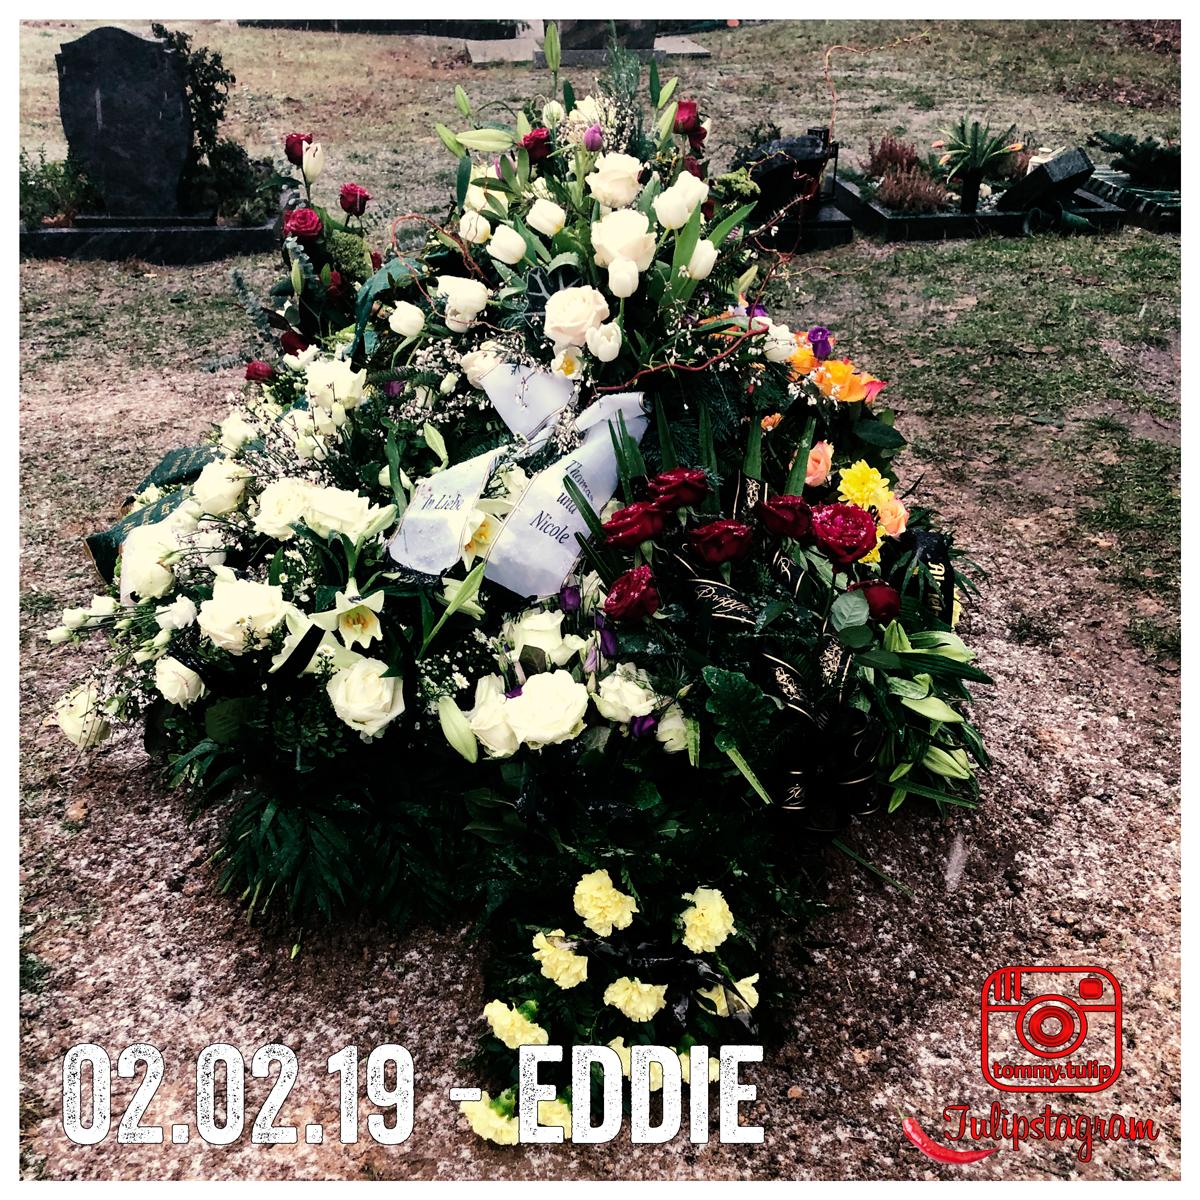 02.02.19 - Grab Eddie, Gosen, Brandenburg #Erinnerungen